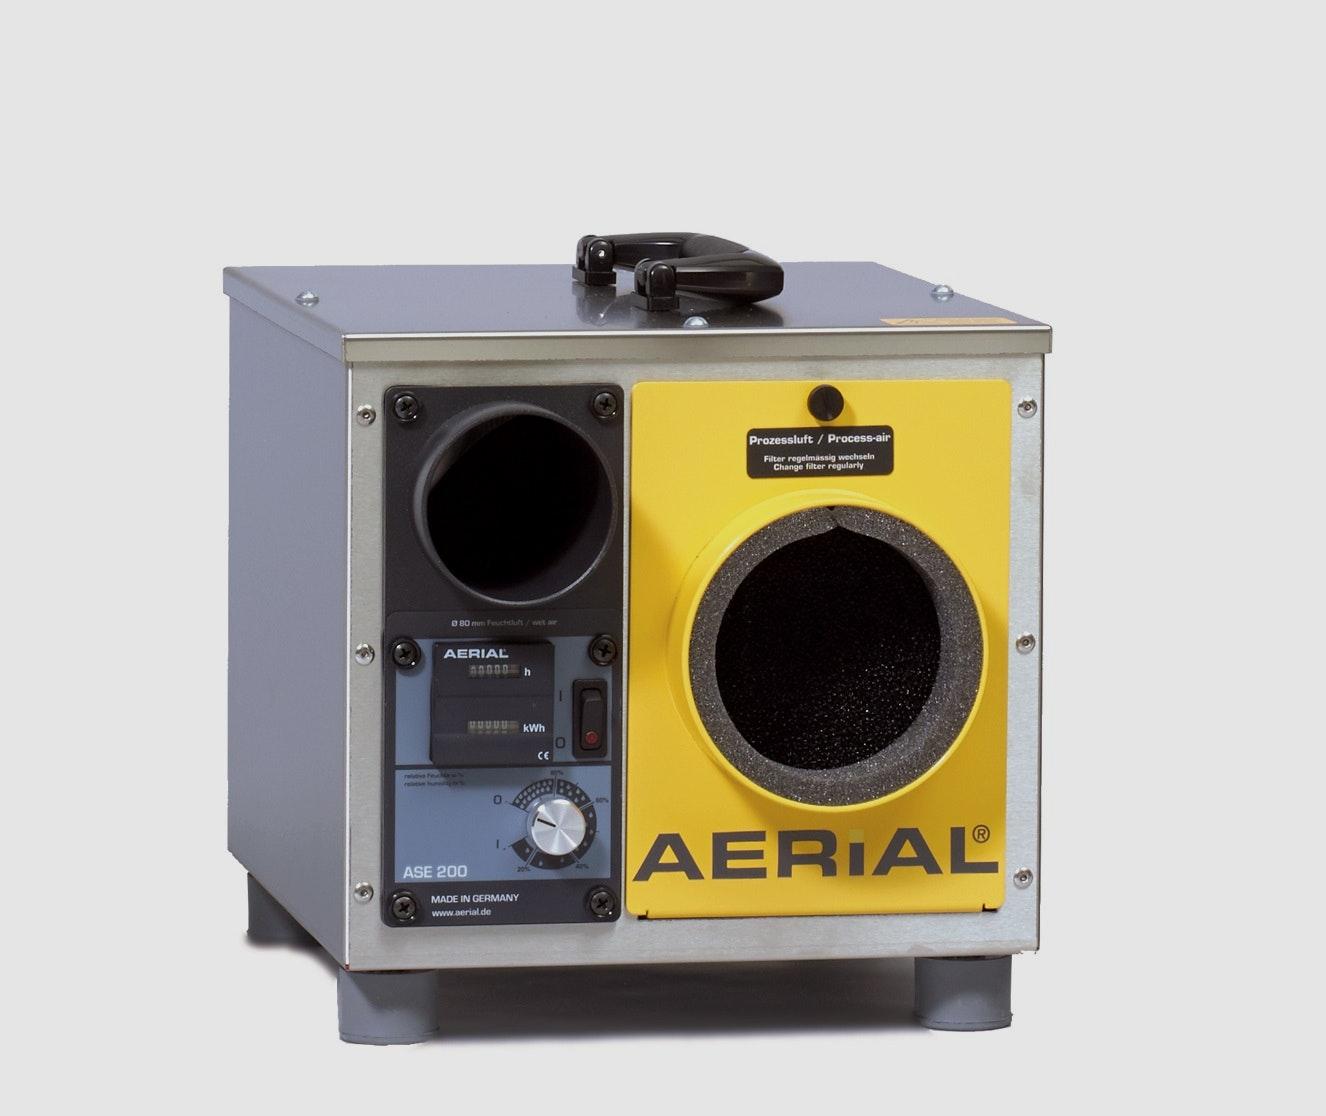 1558024118 aerial ase 200.jpg?bri= 10&fm=pjpg&fit=crop&h=400&w=600&mark=https%3a%2f%2fwww.datocms assets.com%2f9425%2f1556889796 group 70